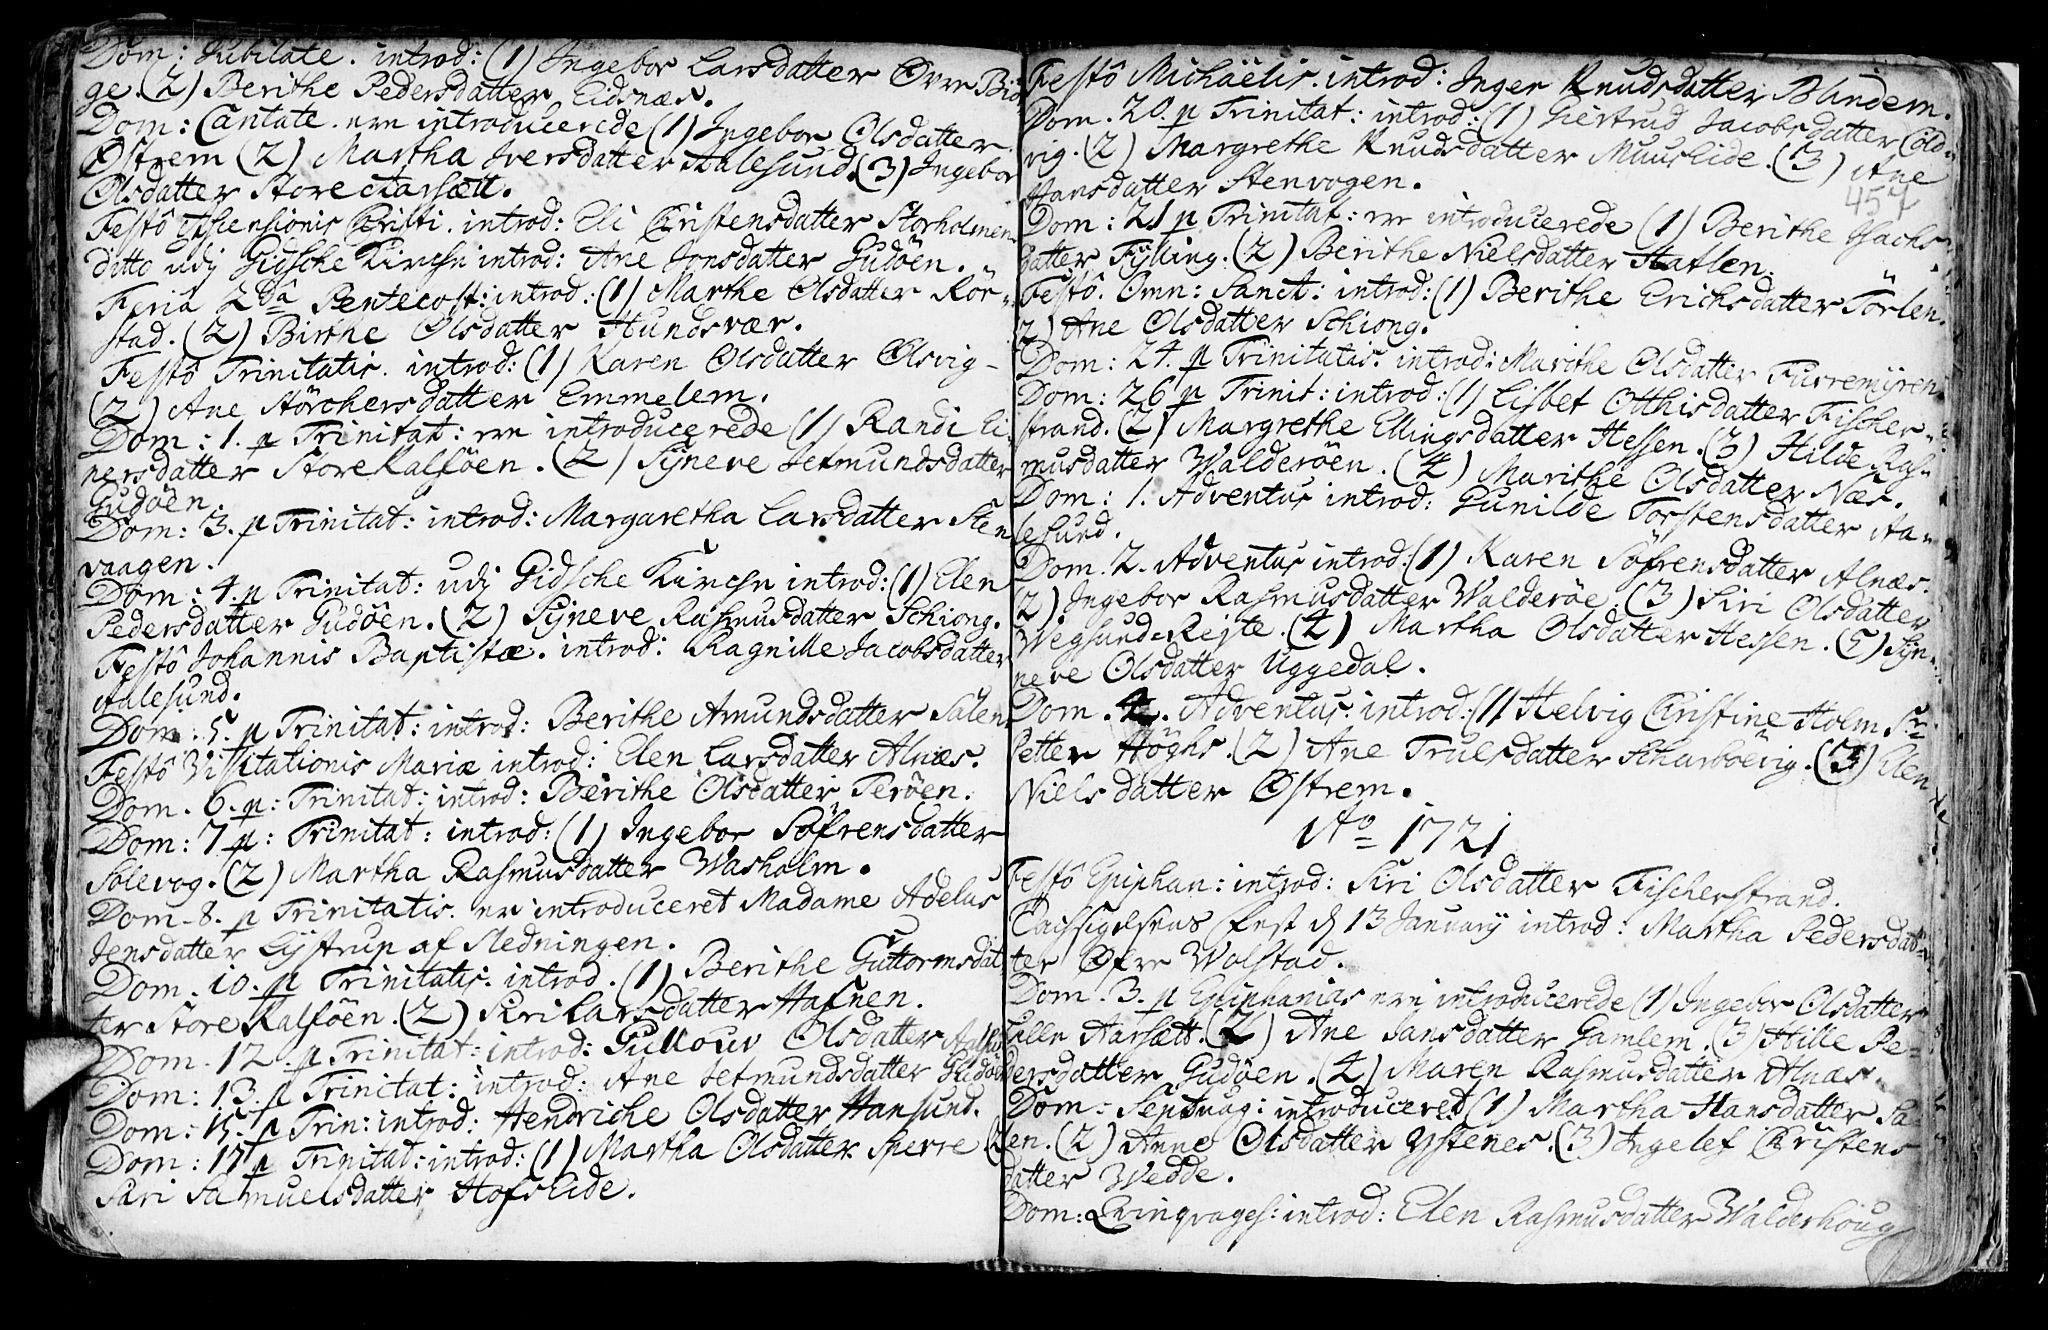 SAT, Ministerialprotokoller, klokkerbøker og fødselsregistre - Møre og Romsdal, 528/L0390: Ministerialbok nr. 528A01, 1698-1739, s. 456-457